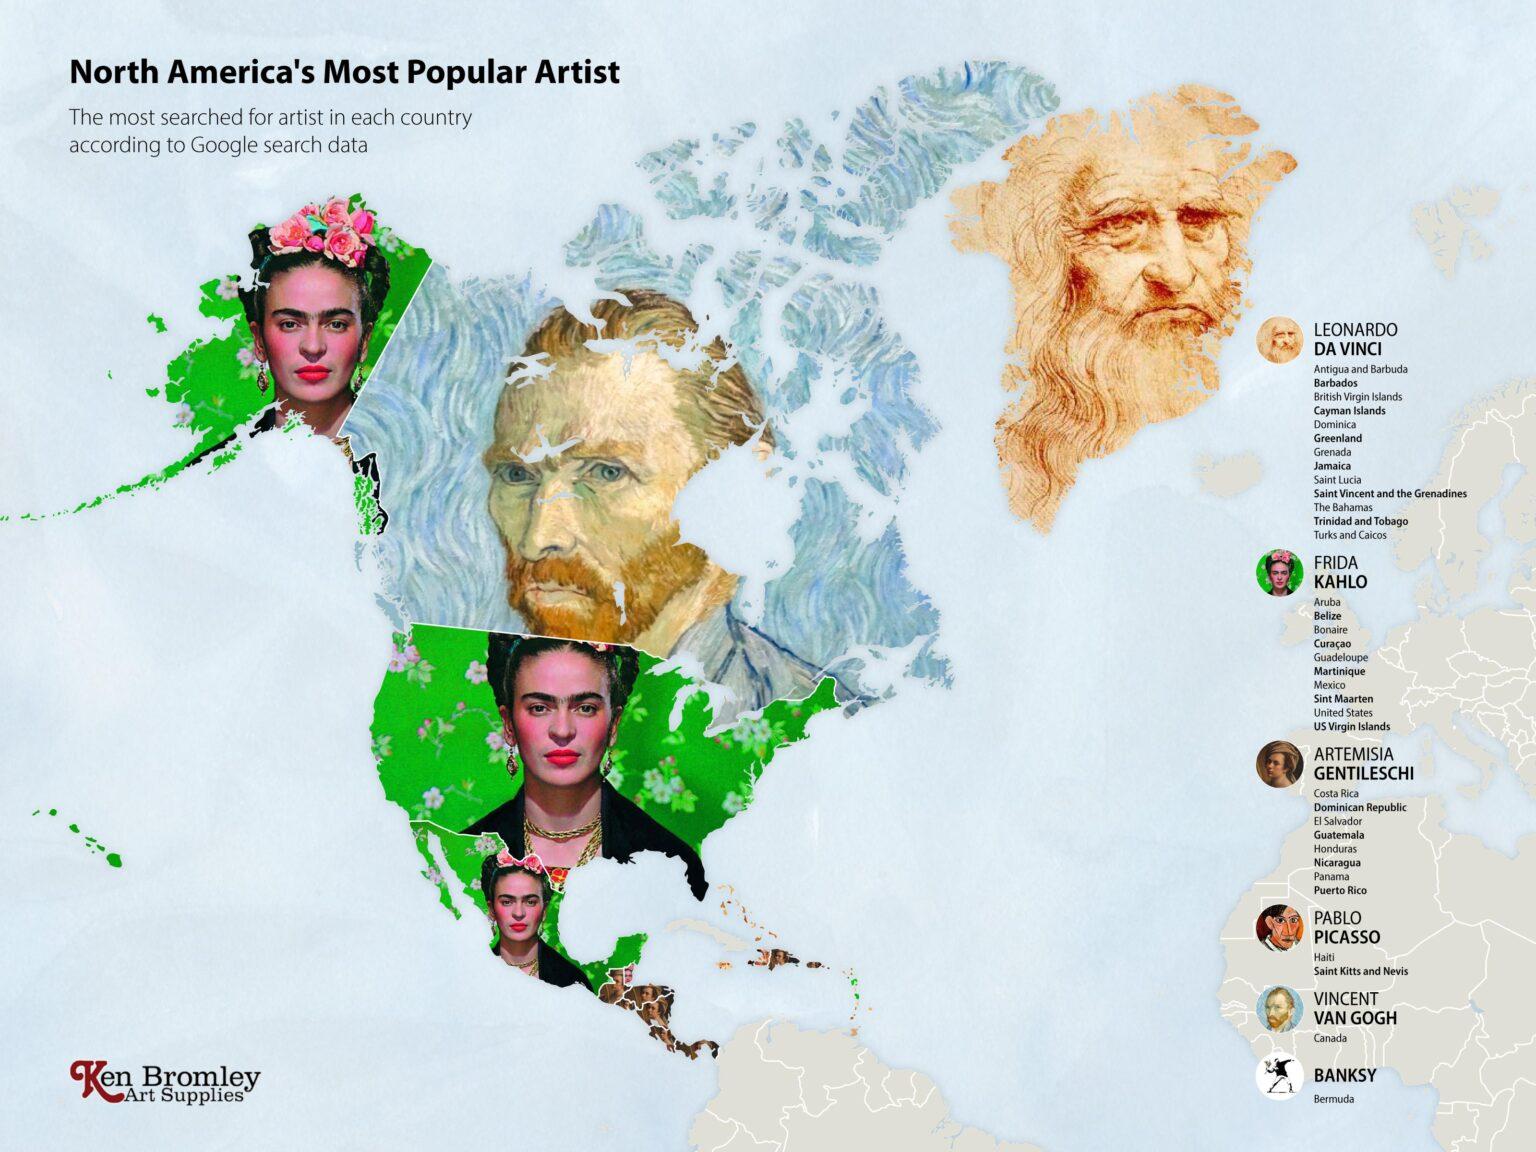 Οι πιο δημοφιλείς καλλιτέχνες στην Βόρεια Αμερική, Φωτογραφία/credits: Ken Bromley Art Supplies